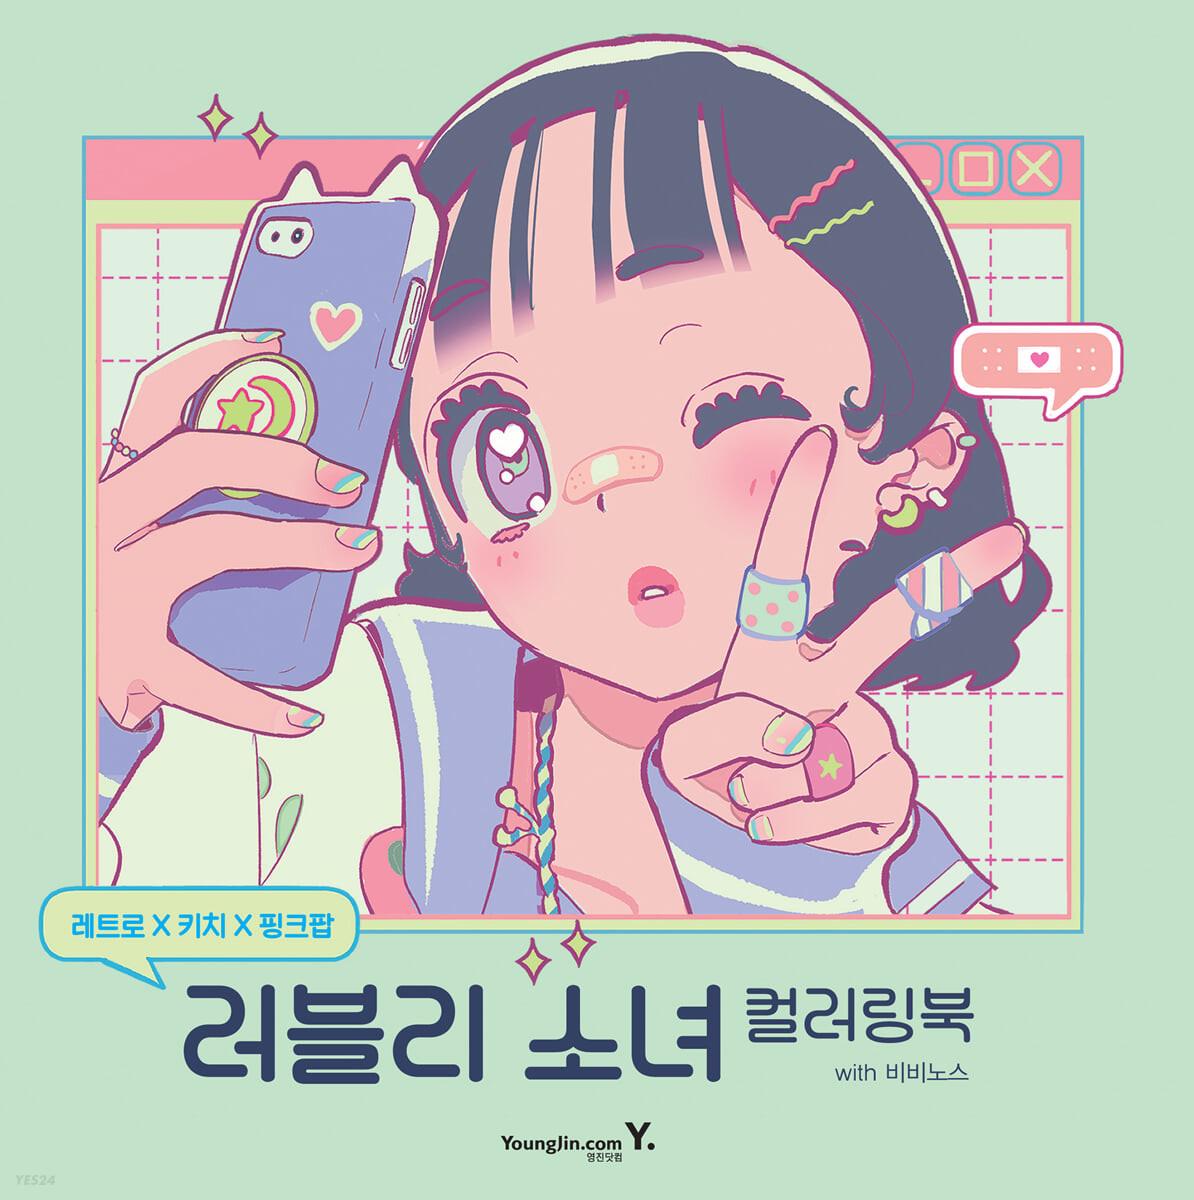 레트로X키치X핑크팝 : 러블리 소녀 컬러링북 with 비비노스